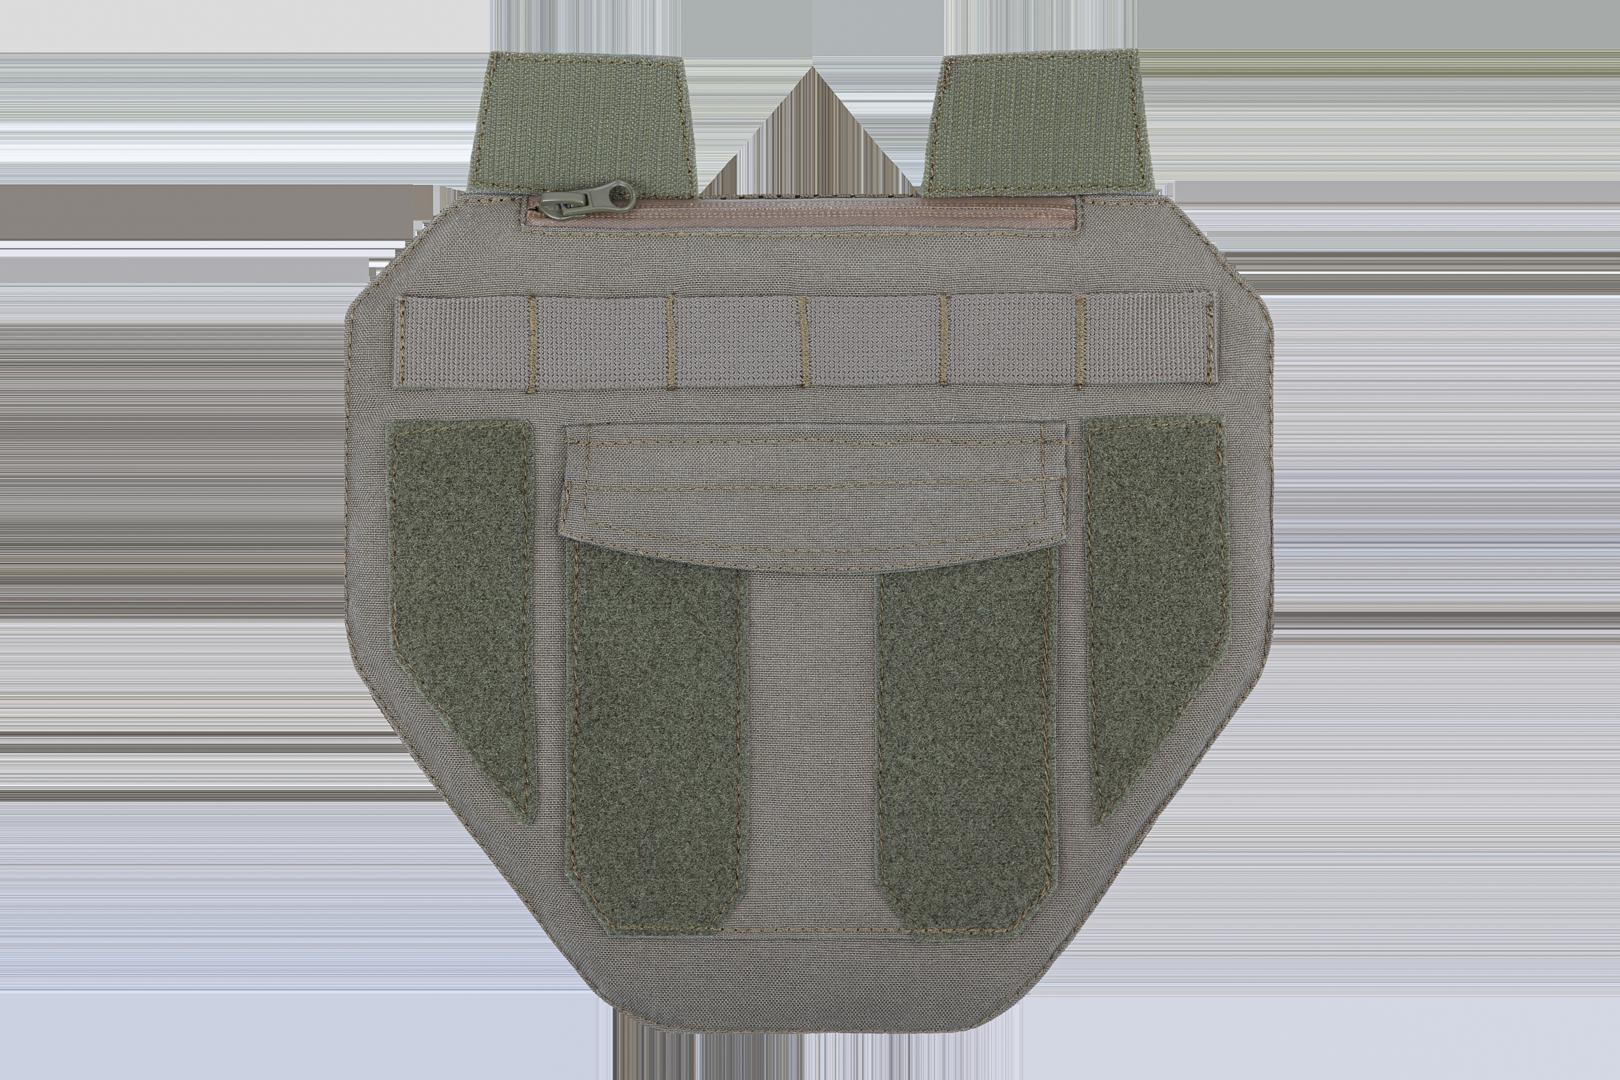 GAM™ Groin Armor Module